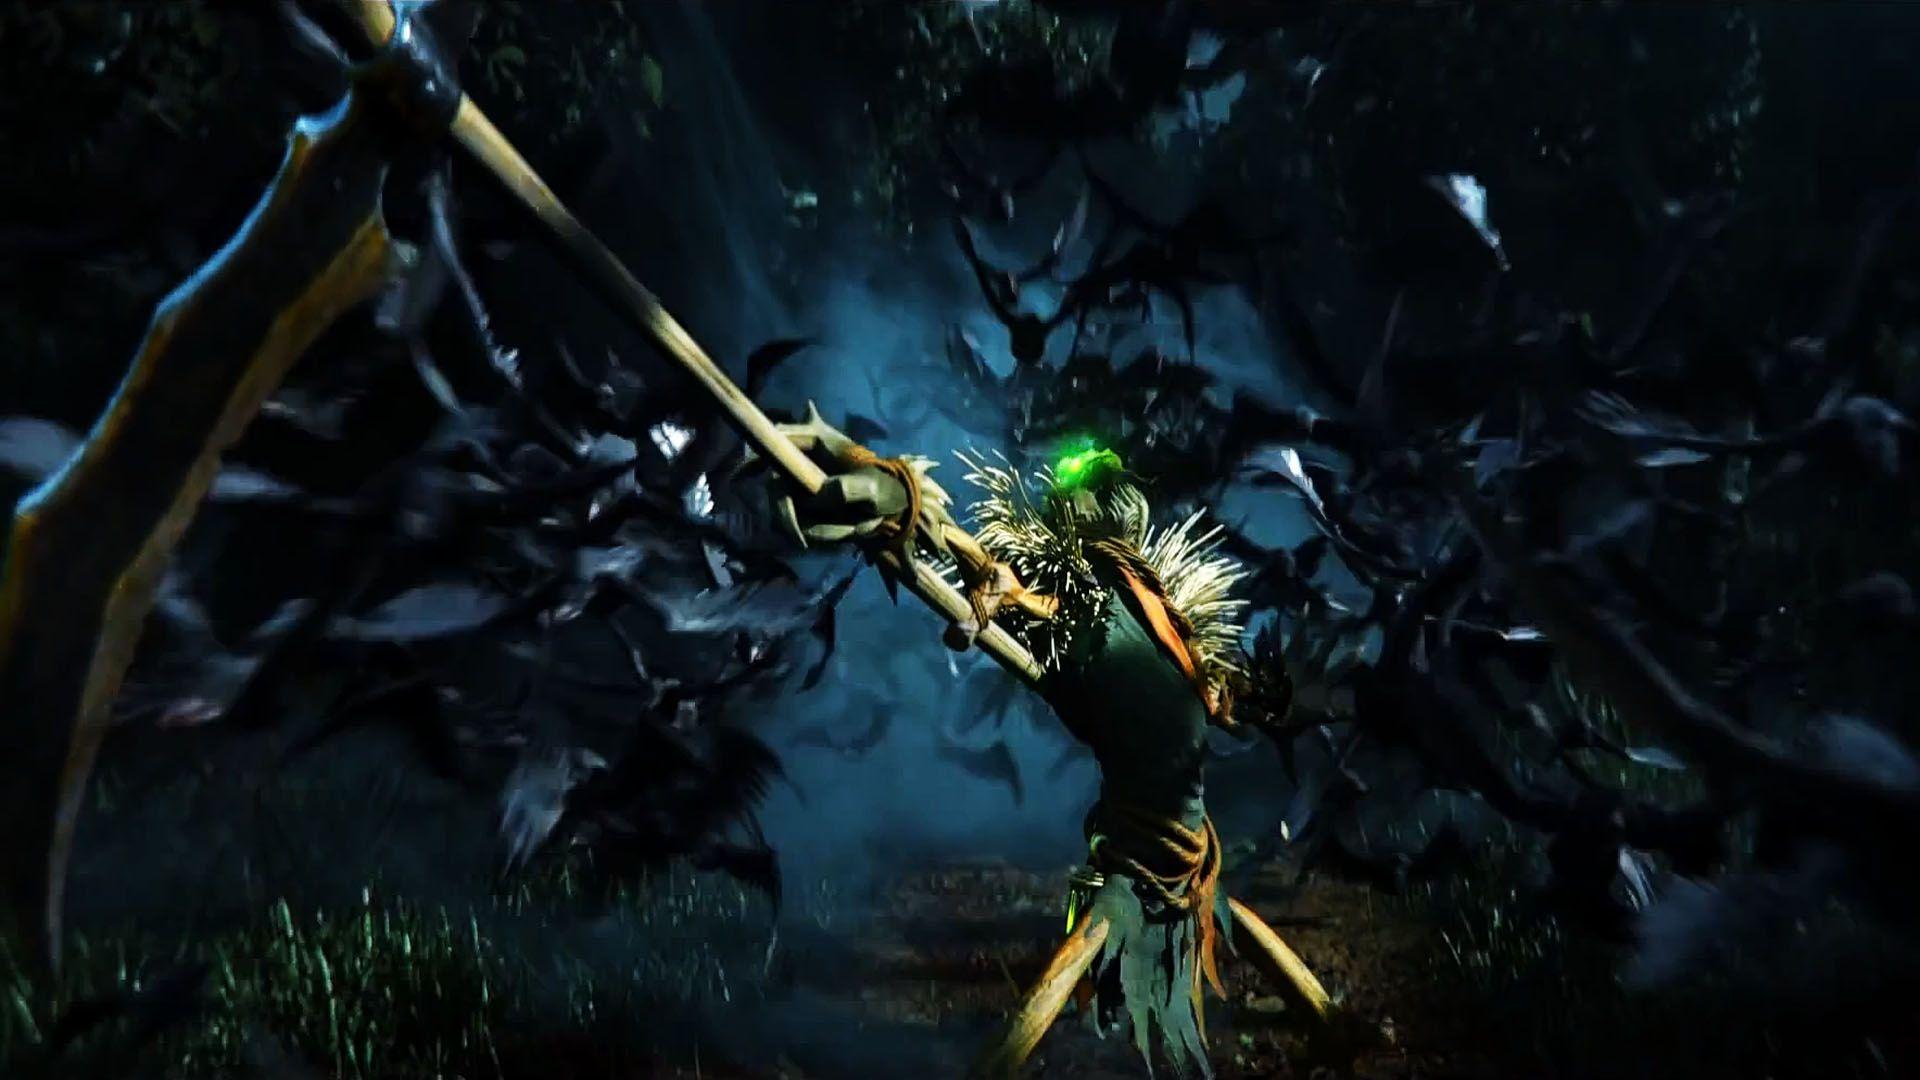 League Of Legends Fiddlesticks League Of Legends Wallpaper Legend